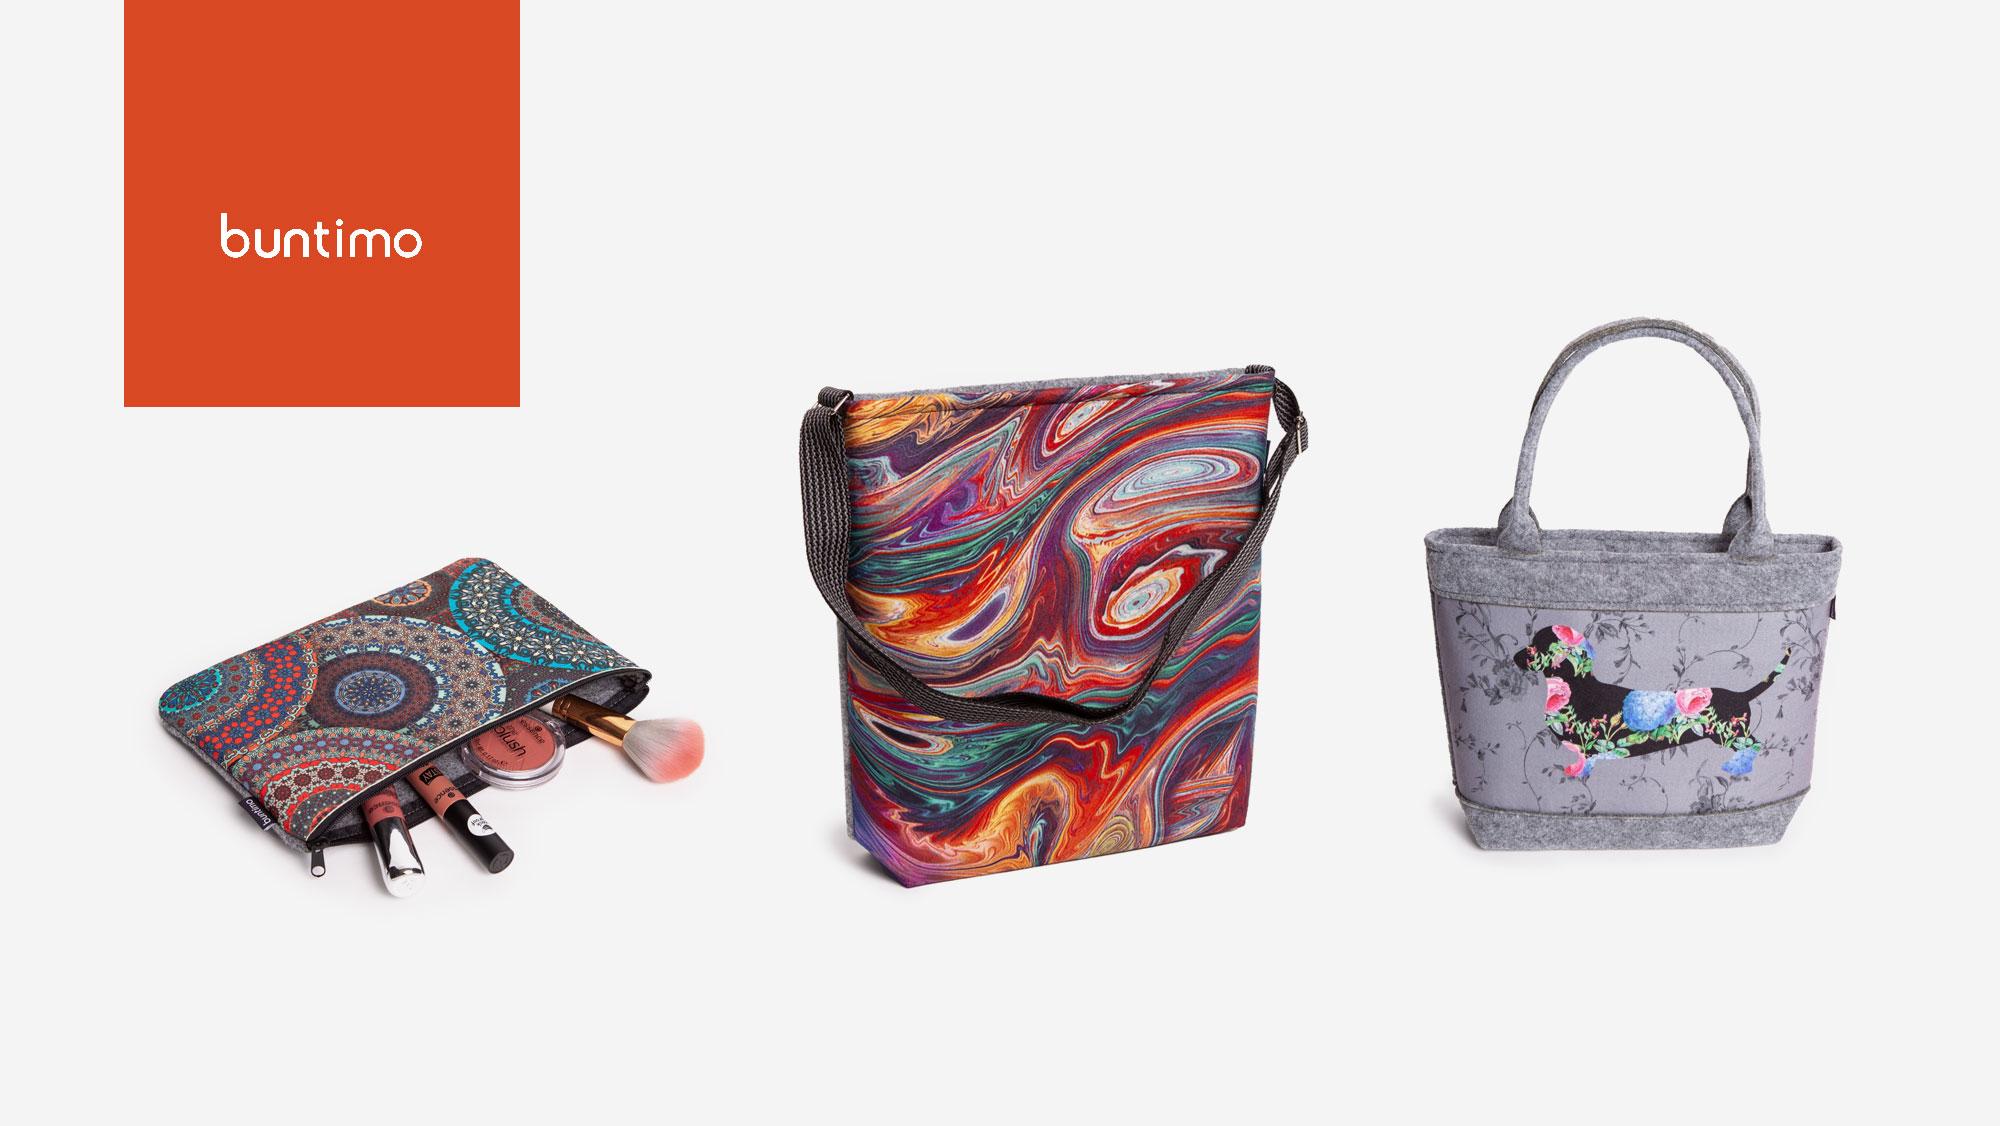 Buntimo Taschen und Accessoires